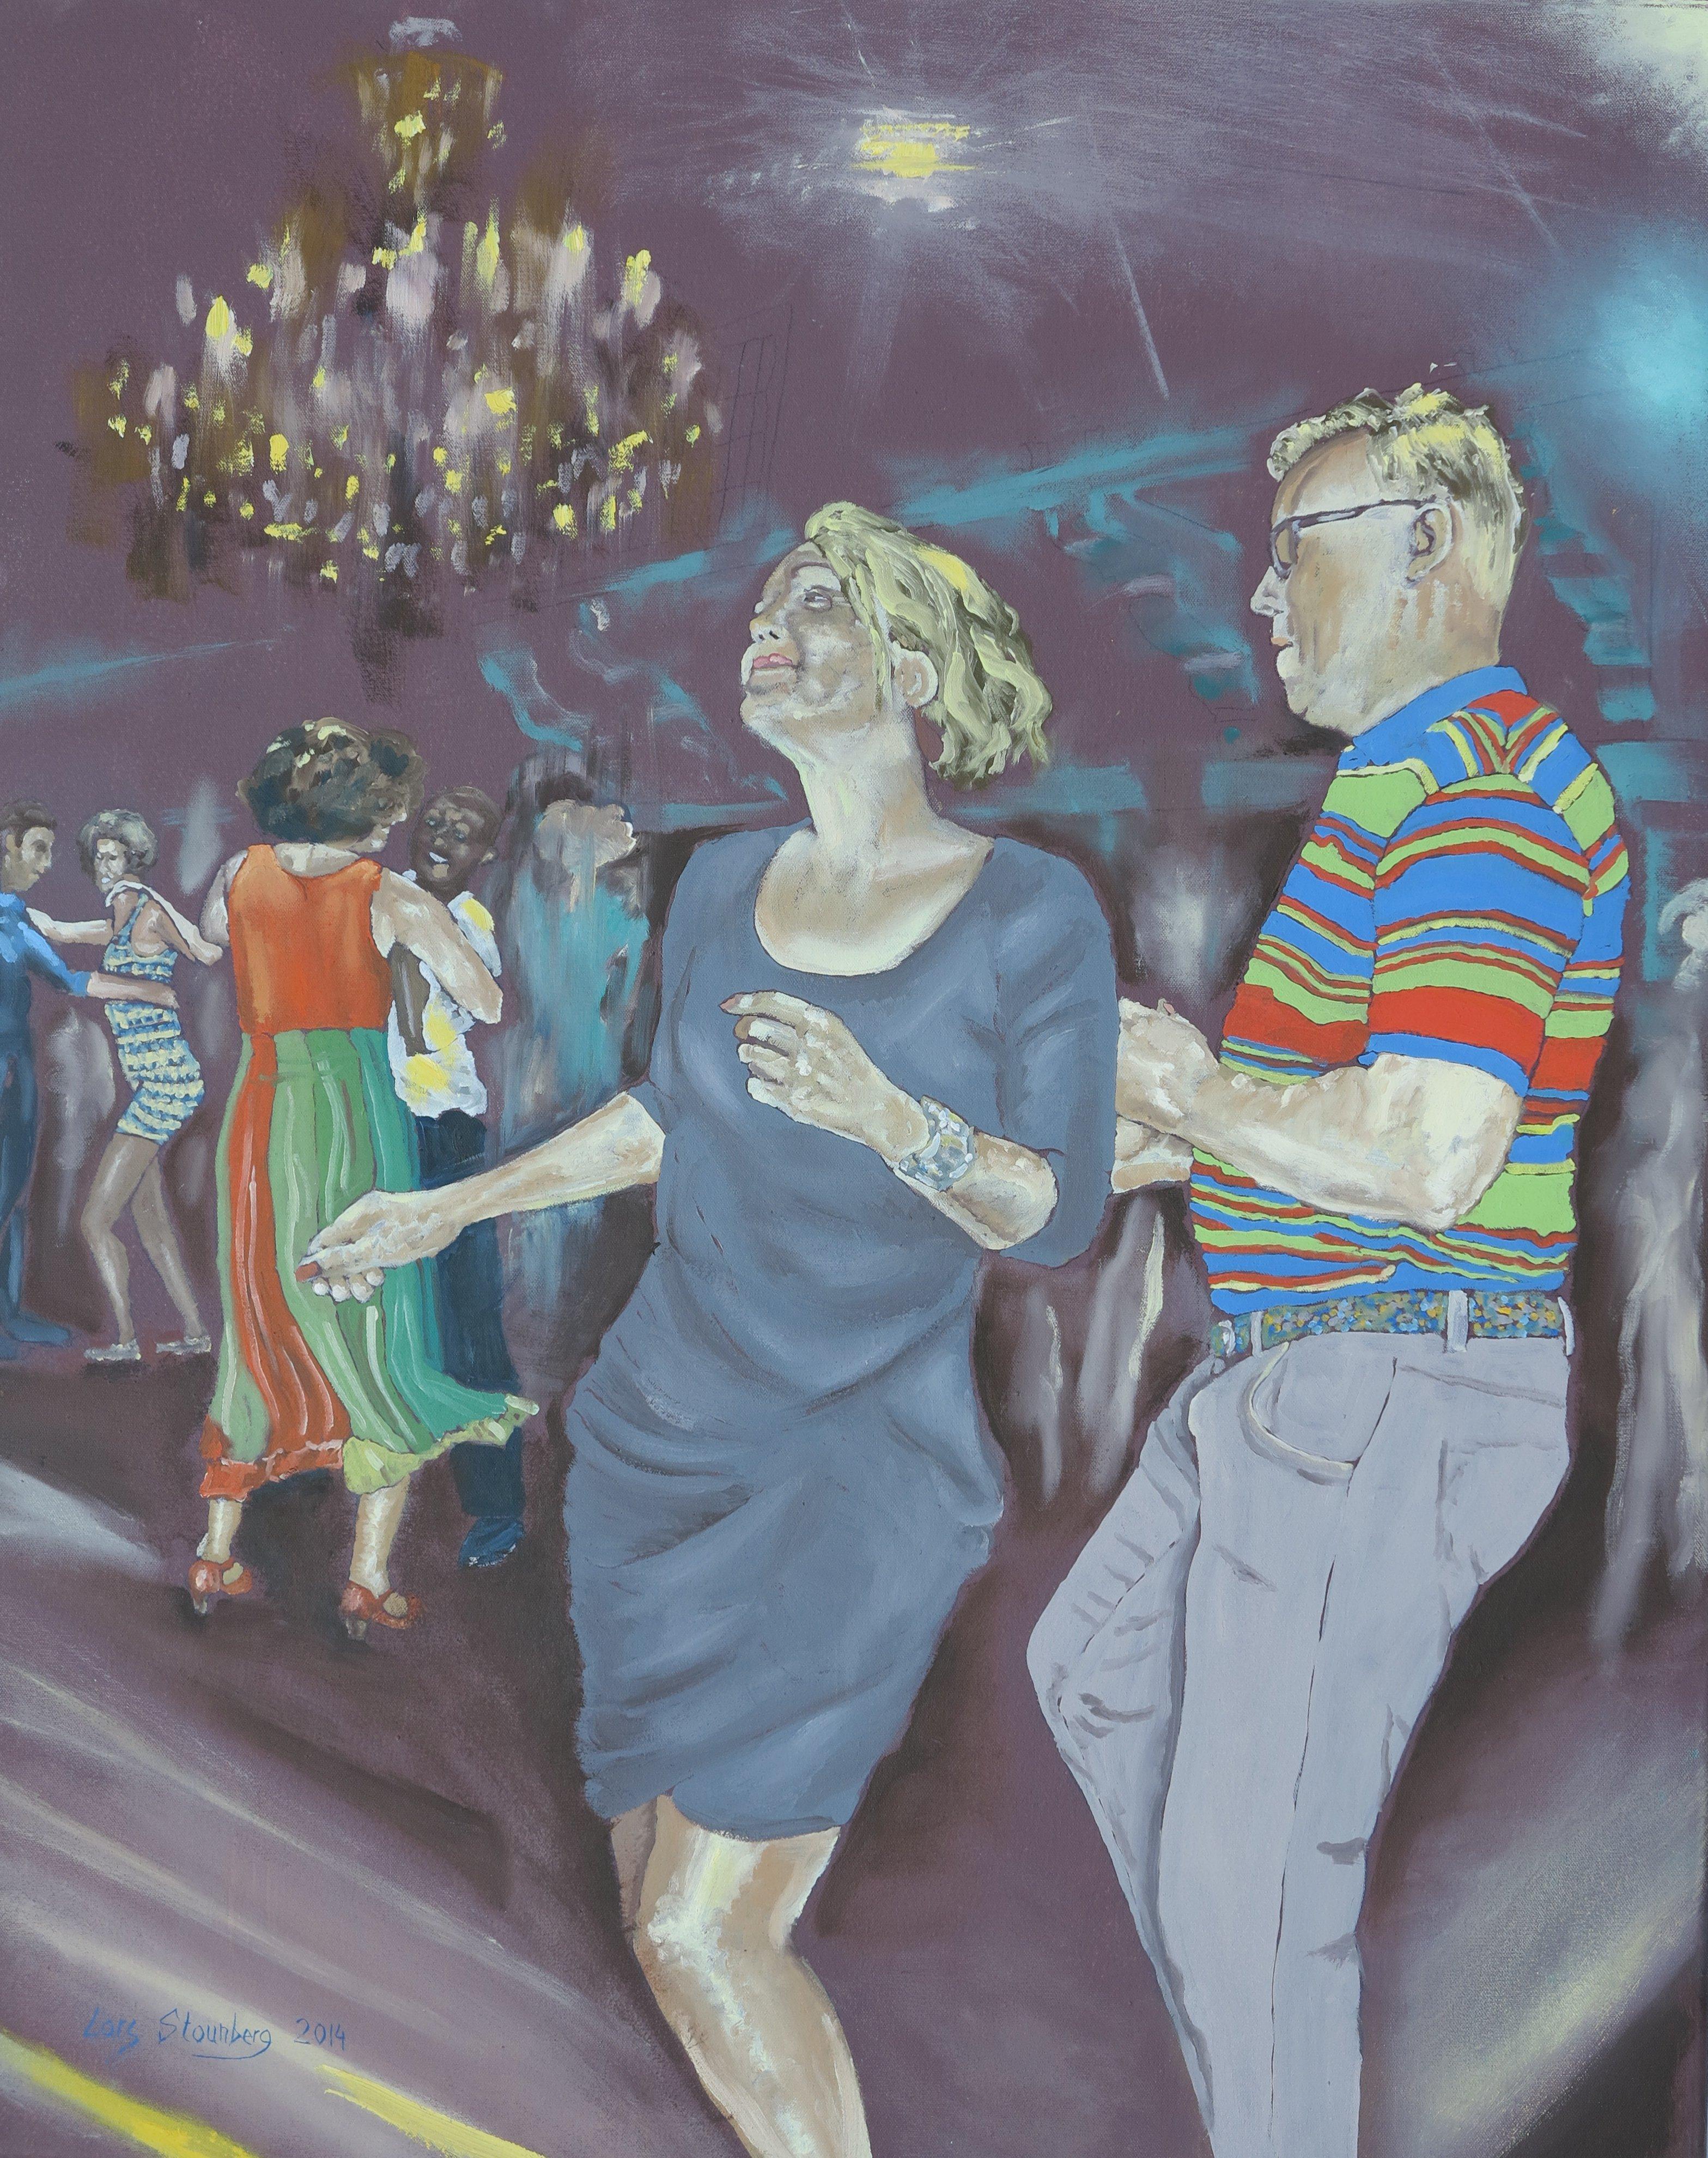 Farverig maleri - Salsadans 2014 - Billedkunstner Odder Lars Stounberg